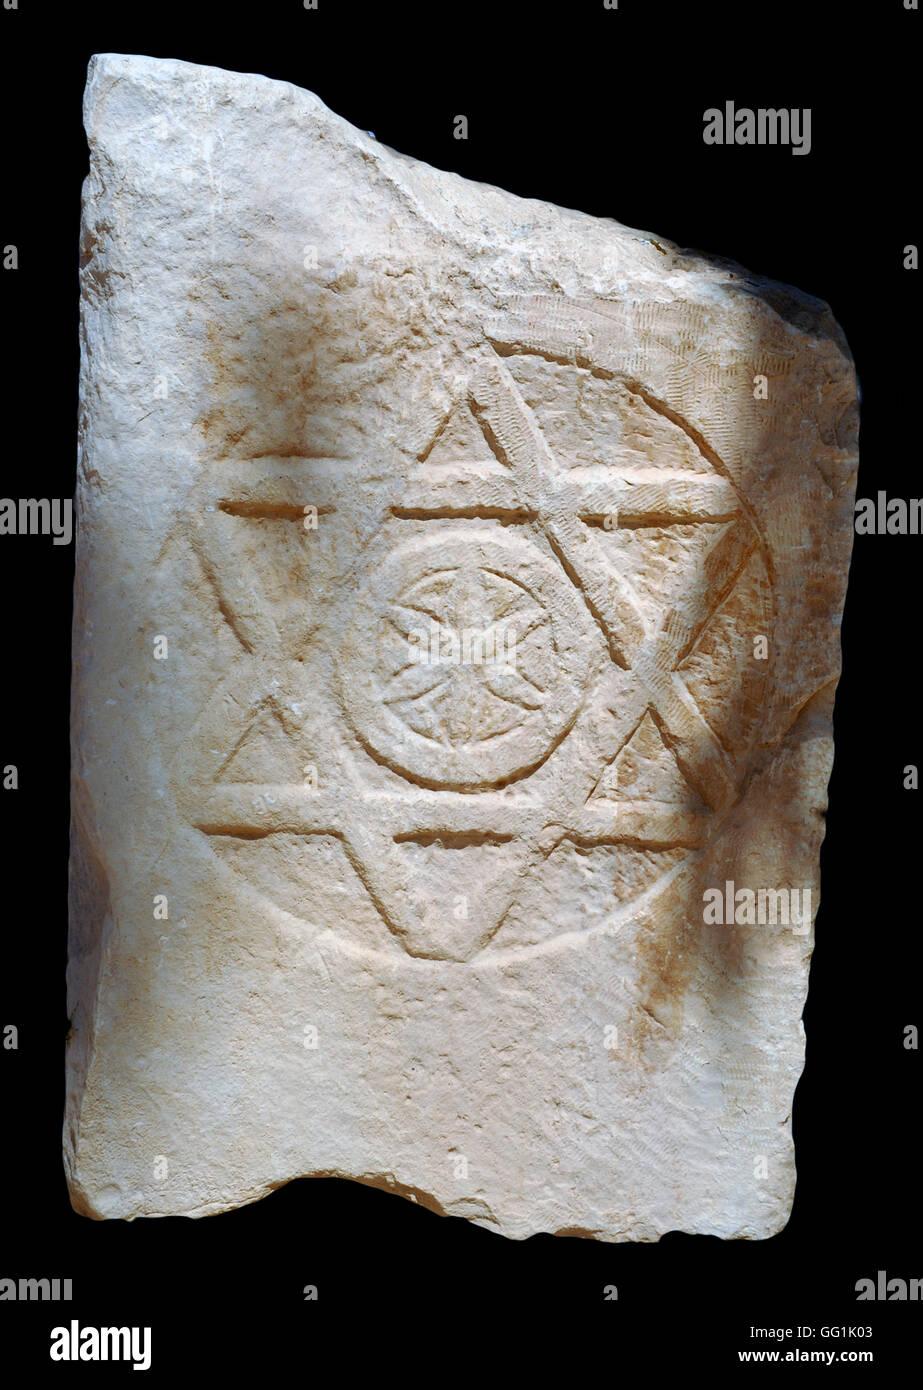 5888. Linteau d'un bâtiment trouvé à Tell es-Simadi, décoré de l'étoile de Photo Stock